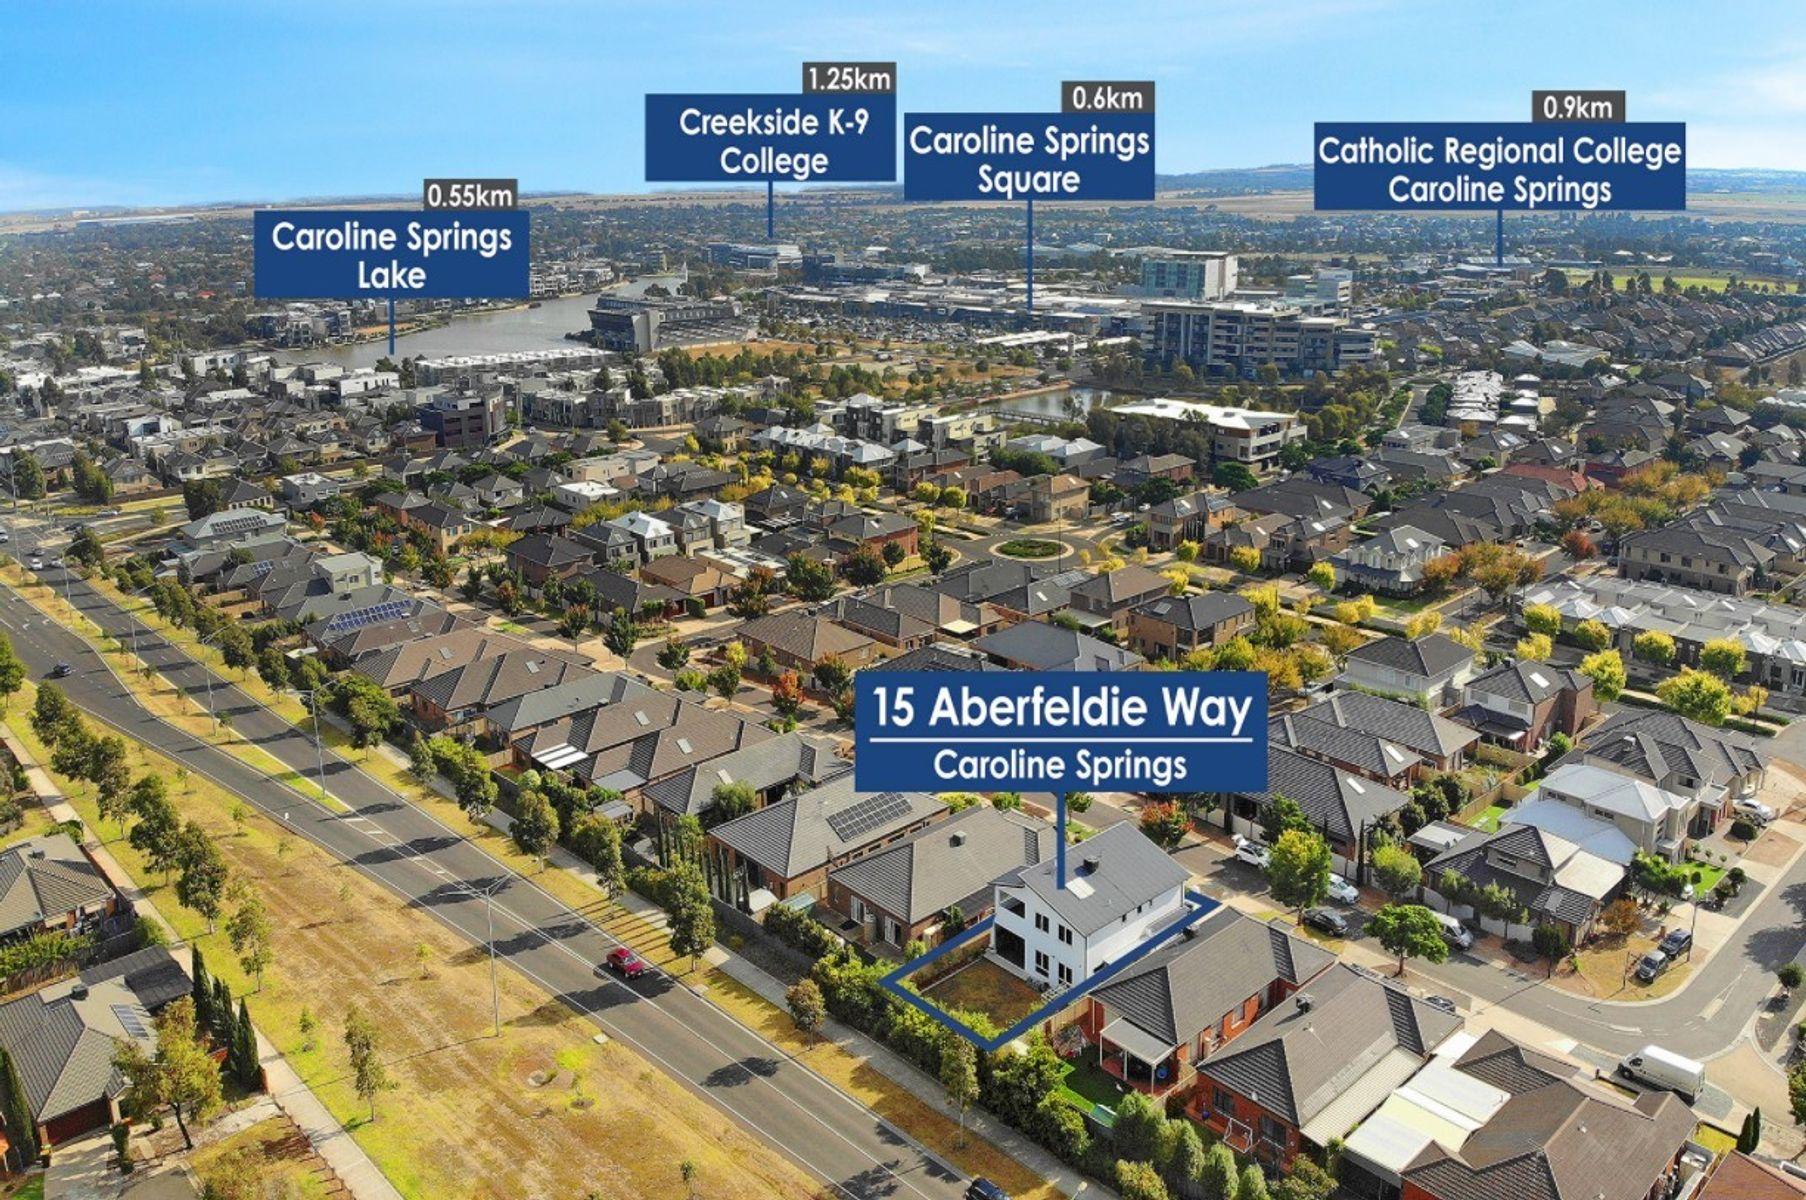 15 Aberfeldie Way, Caroline Springs, VIC 3023